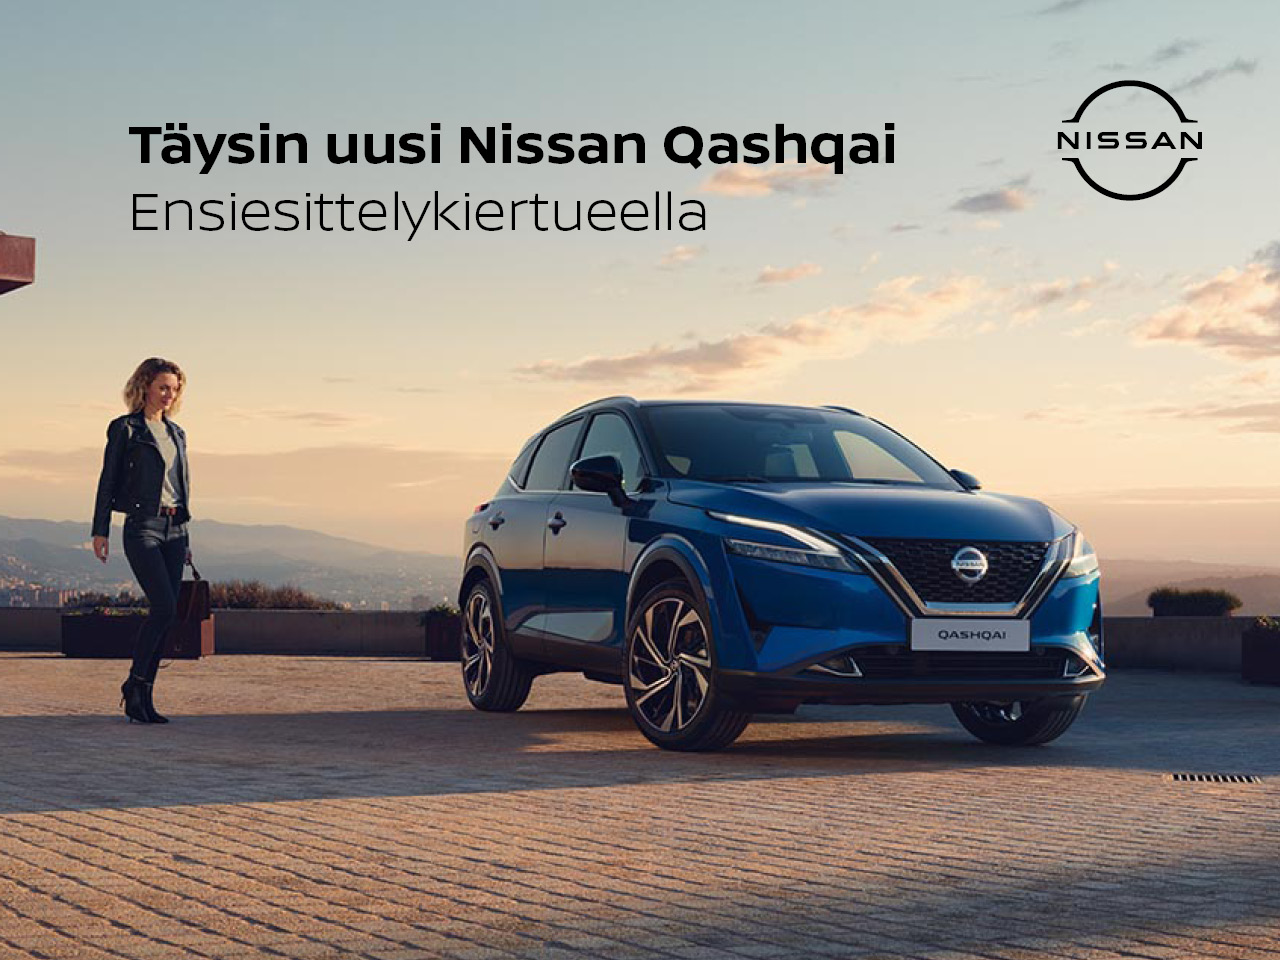 Täysin uusi Nissan Qashqai nyt ensiesittelykiertueella